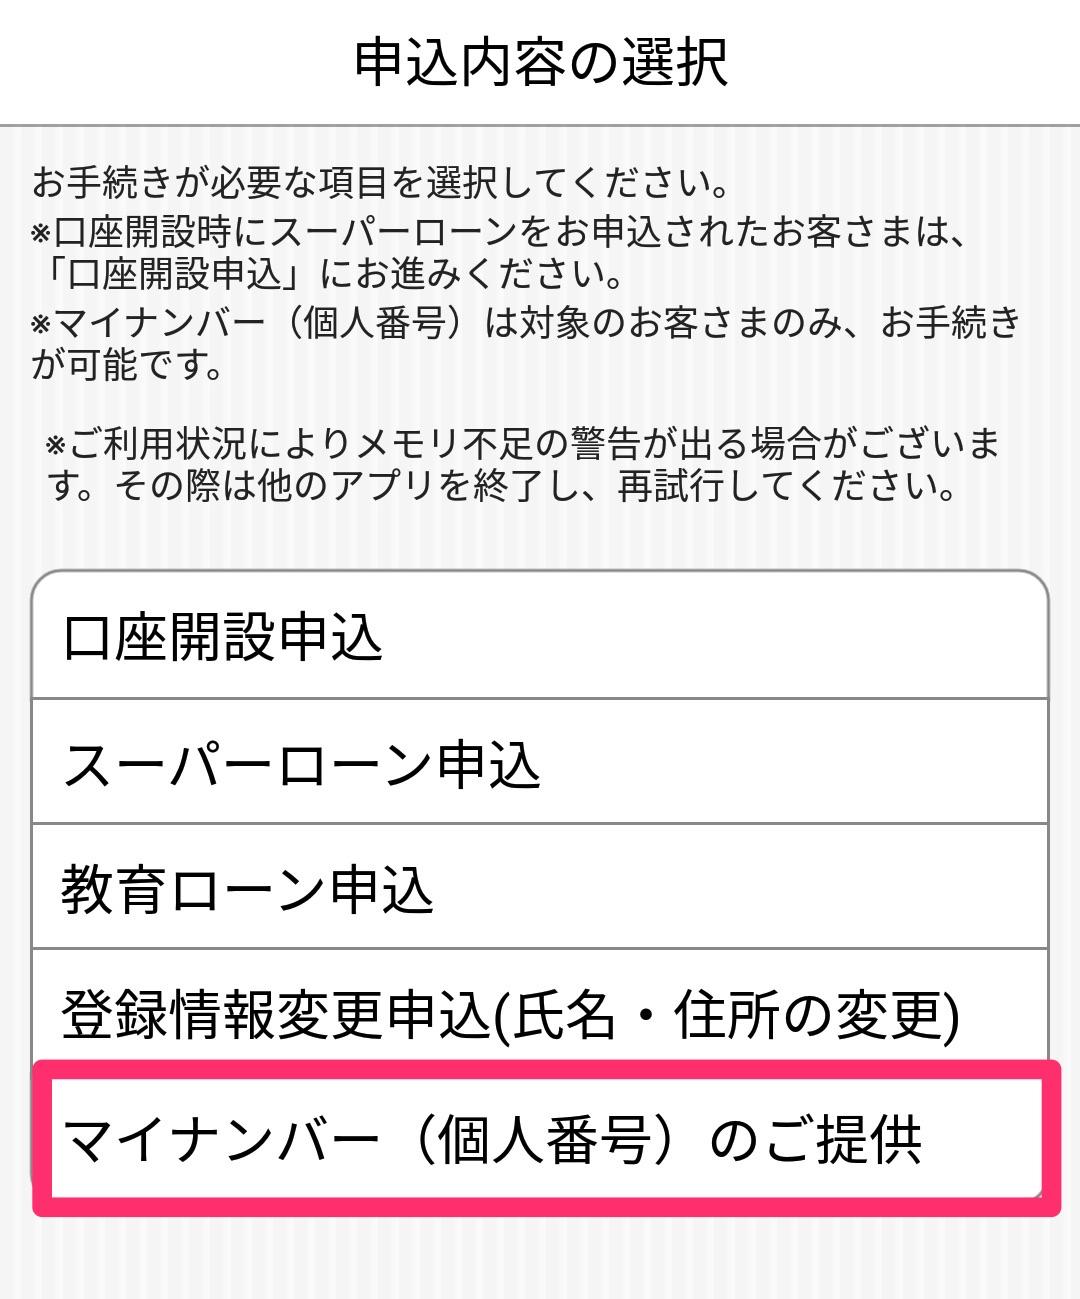 楽天銀行アプリ・マイナンバーのご提供